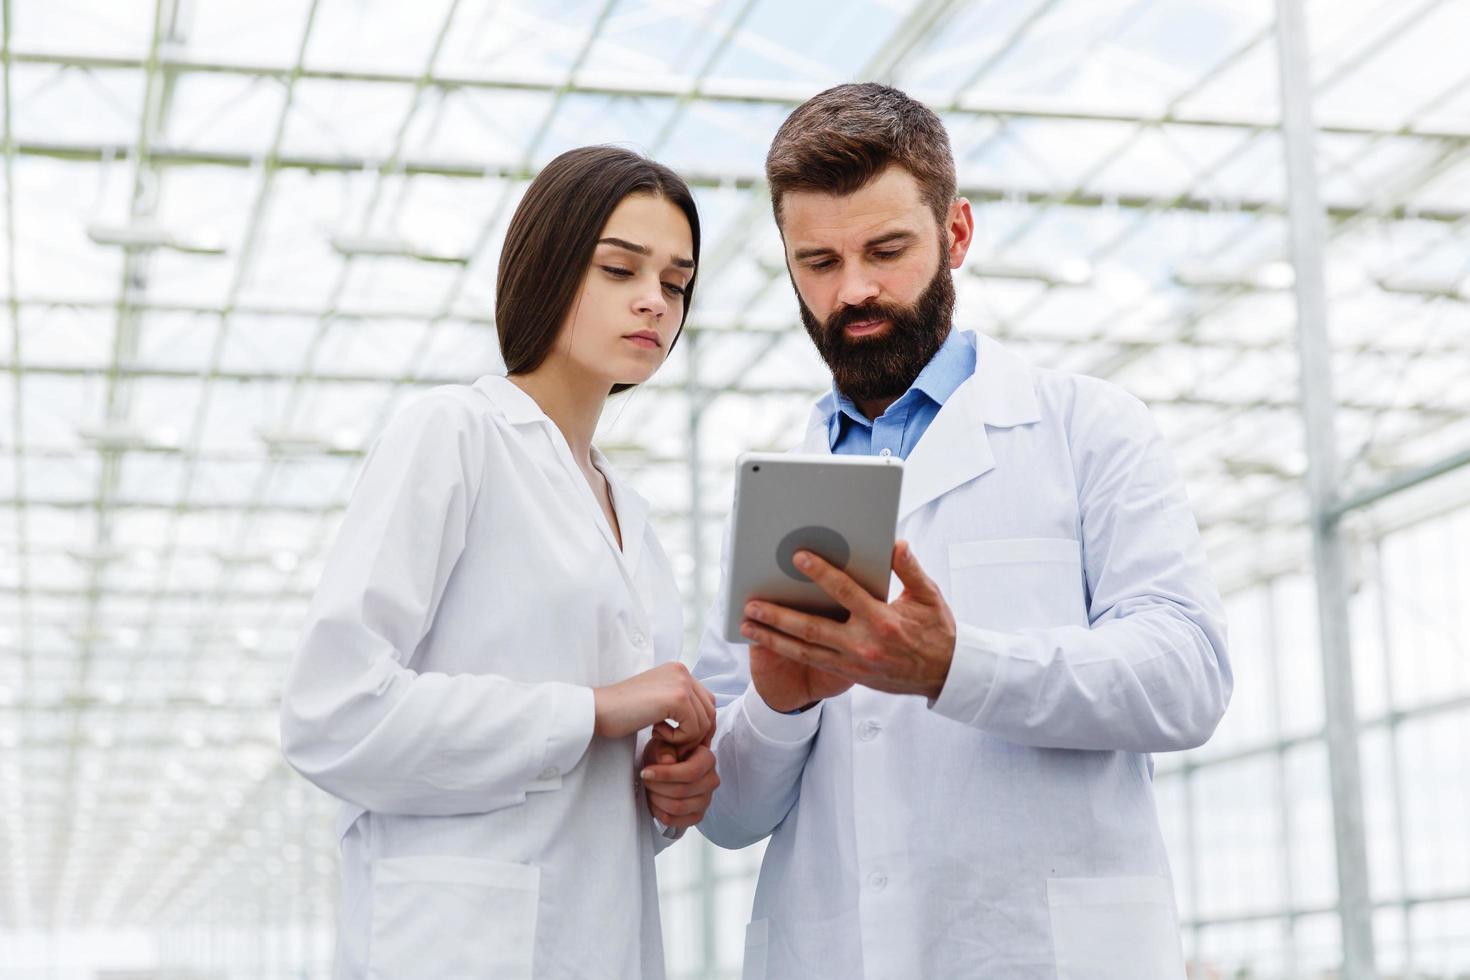 homme et femme travaillent avec tablette debout dans la serre photo